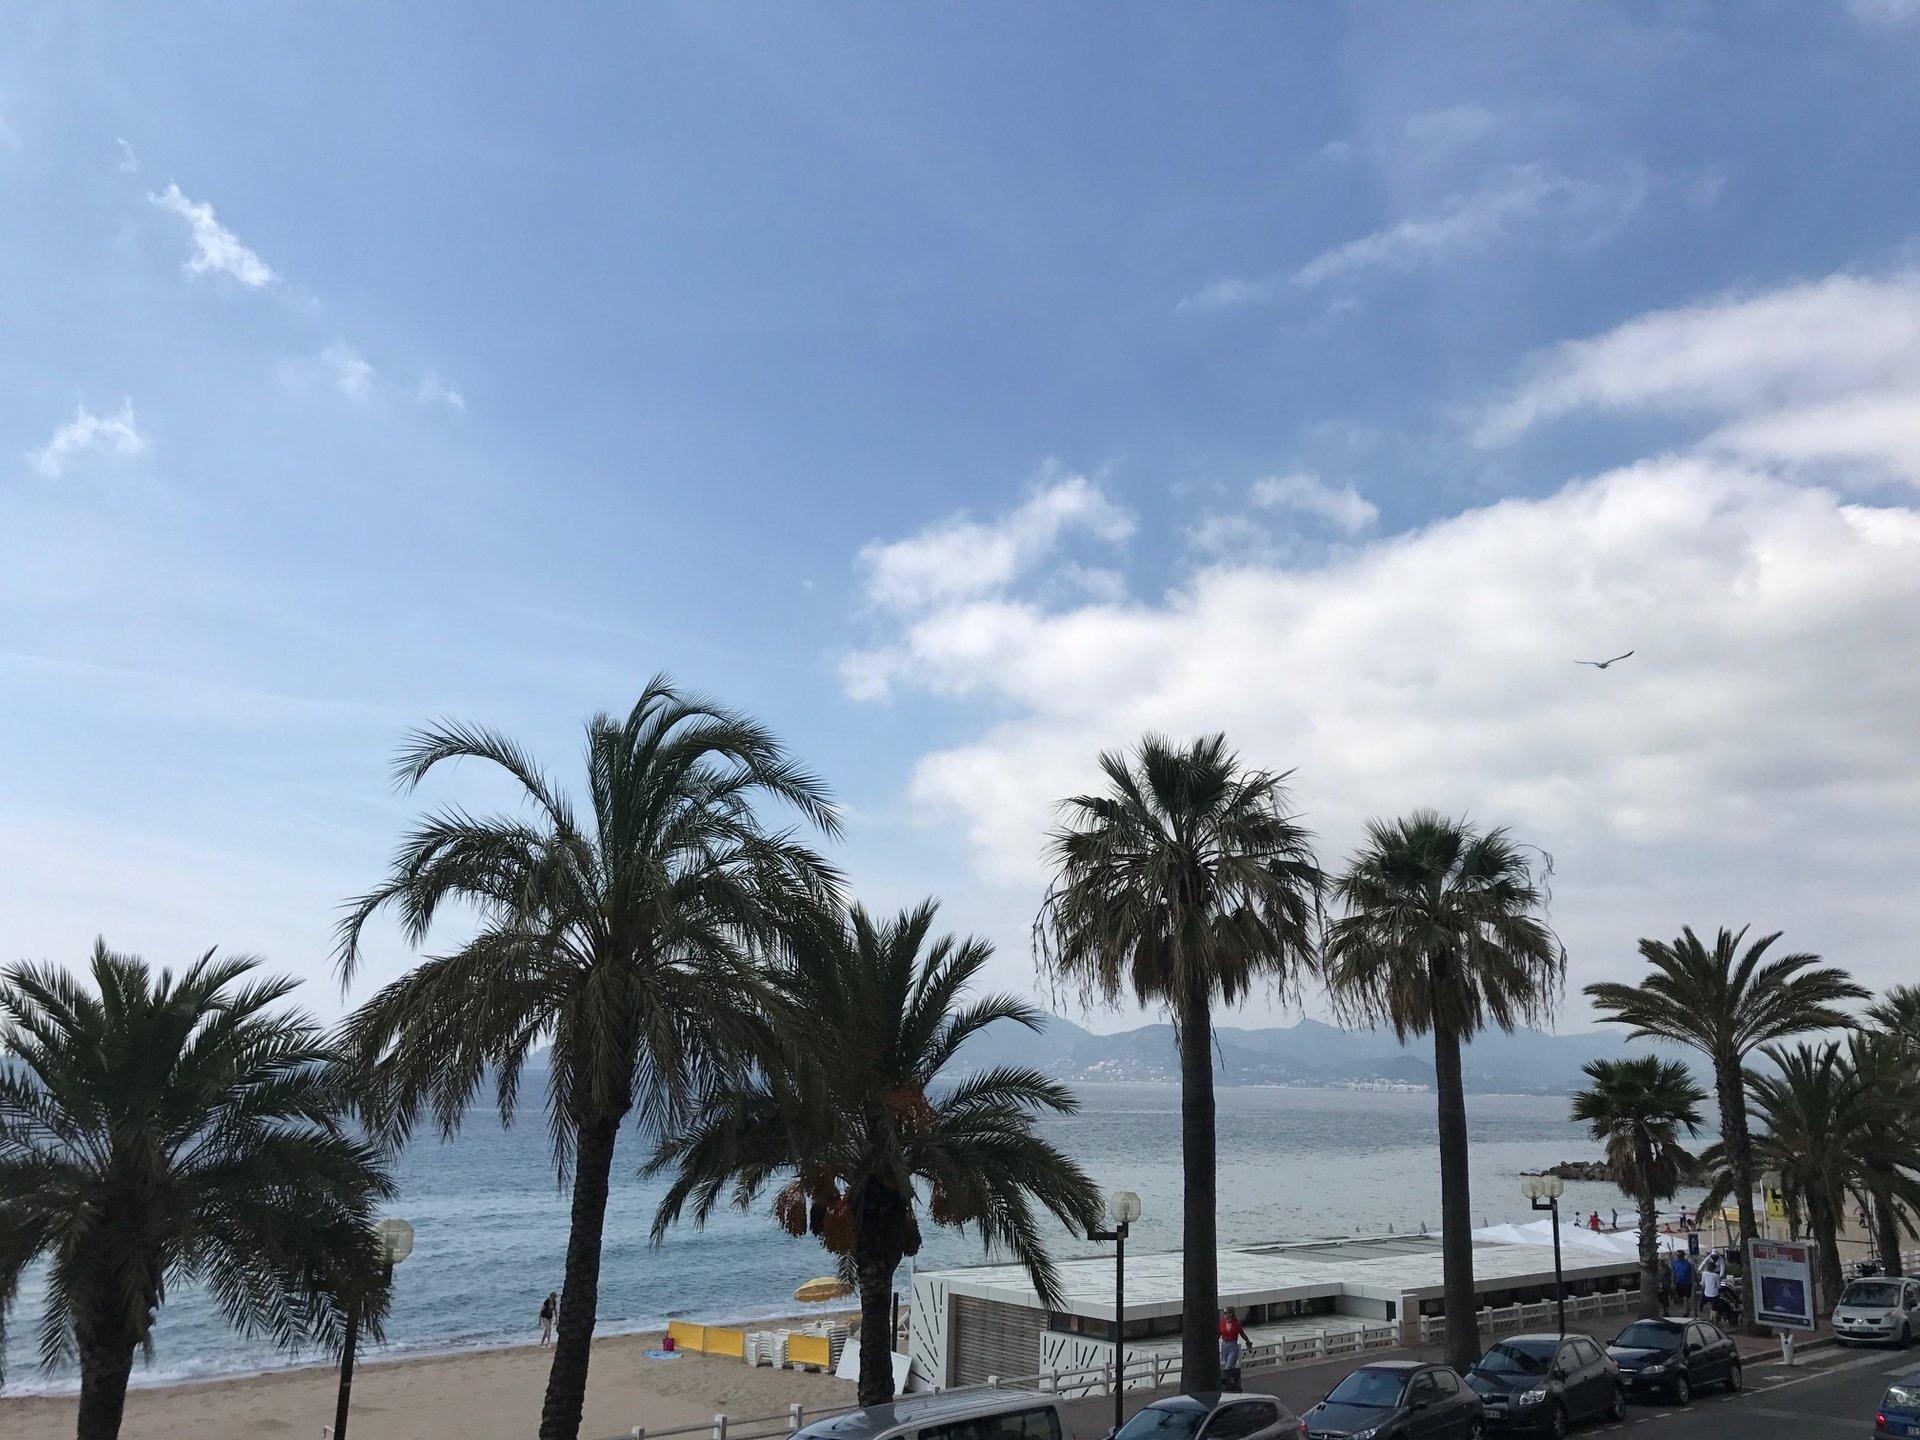 3:a med terrass och fantastisk havstutskit - Cannes Plages du Midi